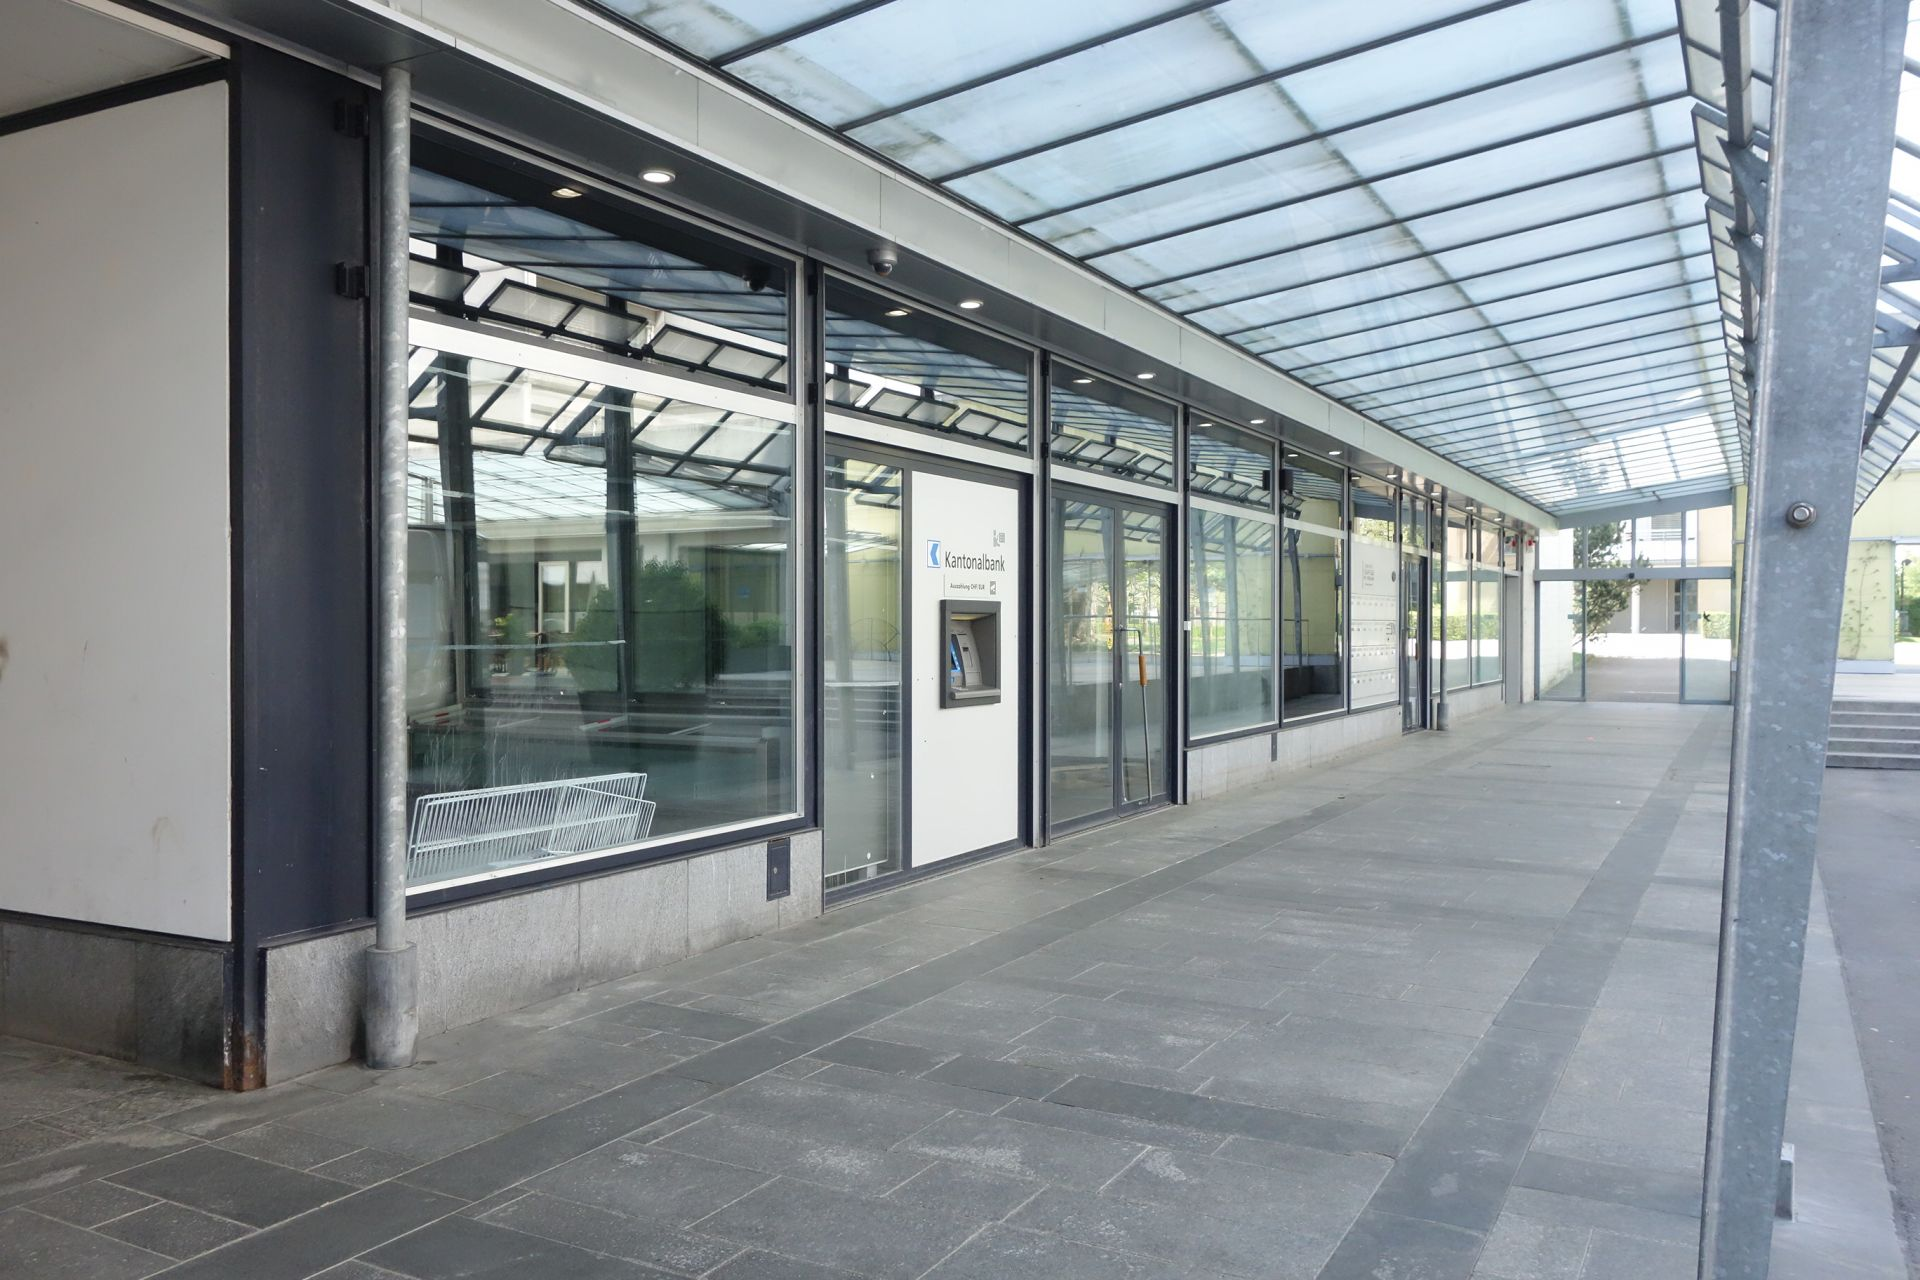 Miete: Gewerberäumlichkeit 220 m² im Einkaufszentrum